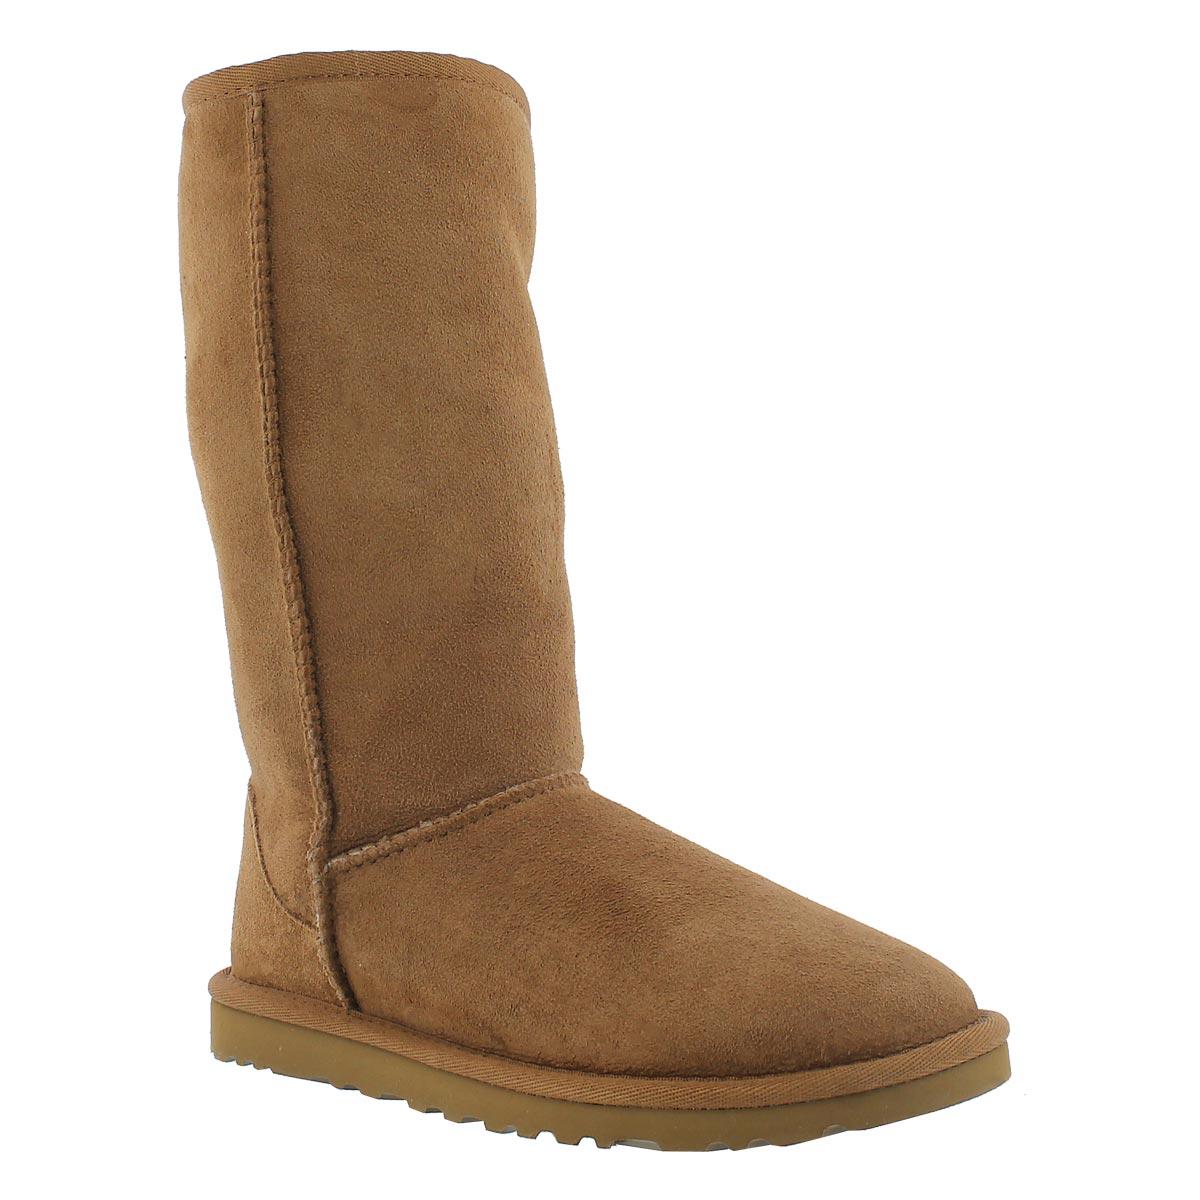 Lds Tall chestnut sheepskin boot